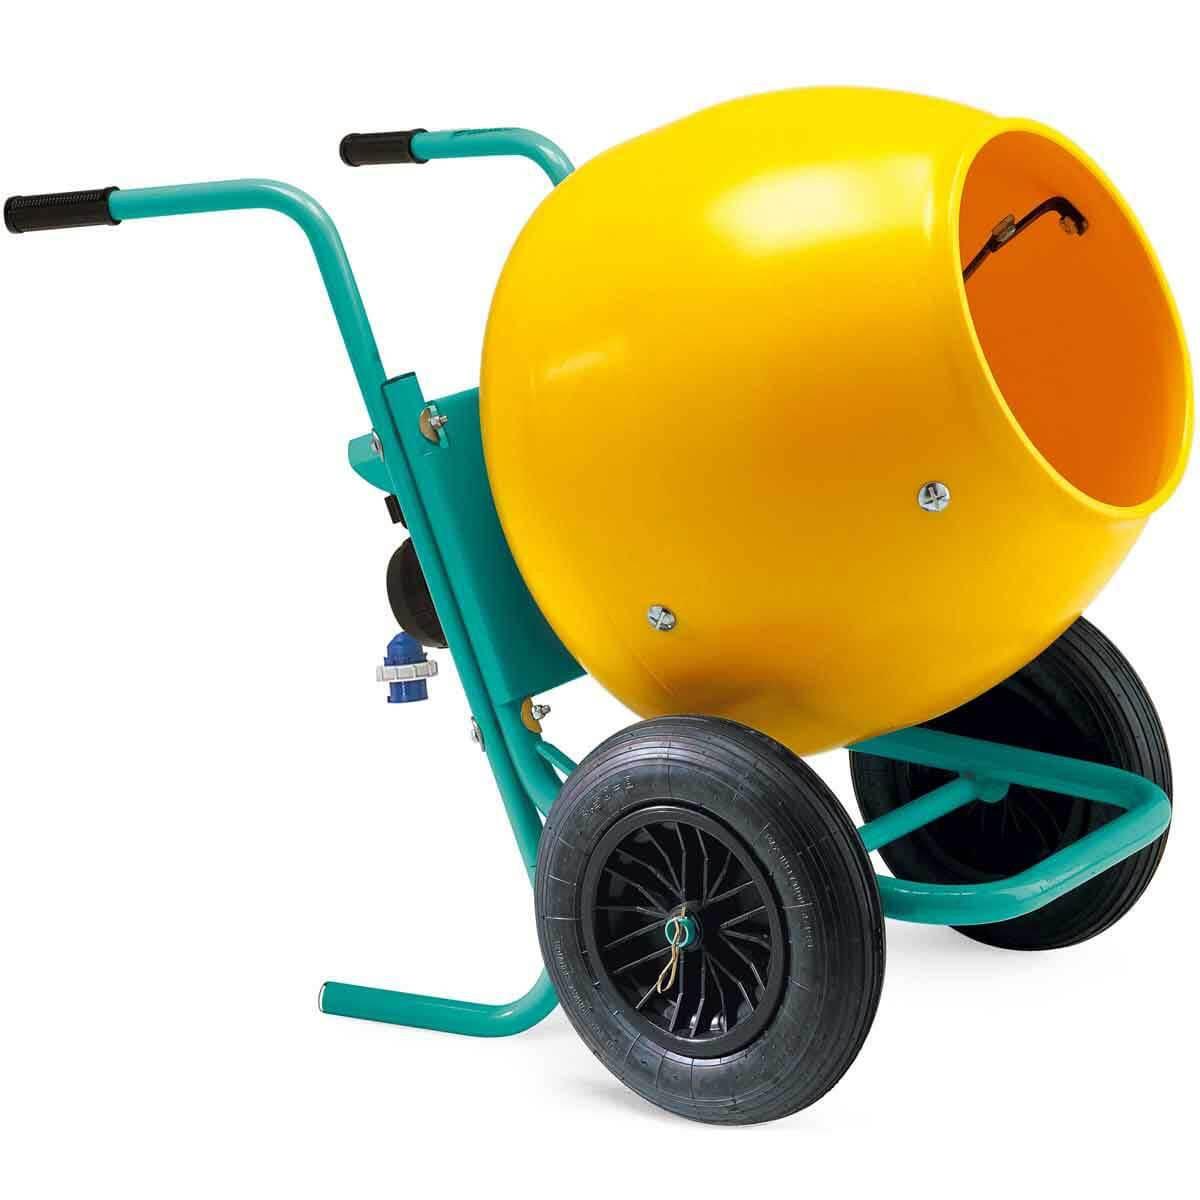 Imer Wheelman Concrete mixer